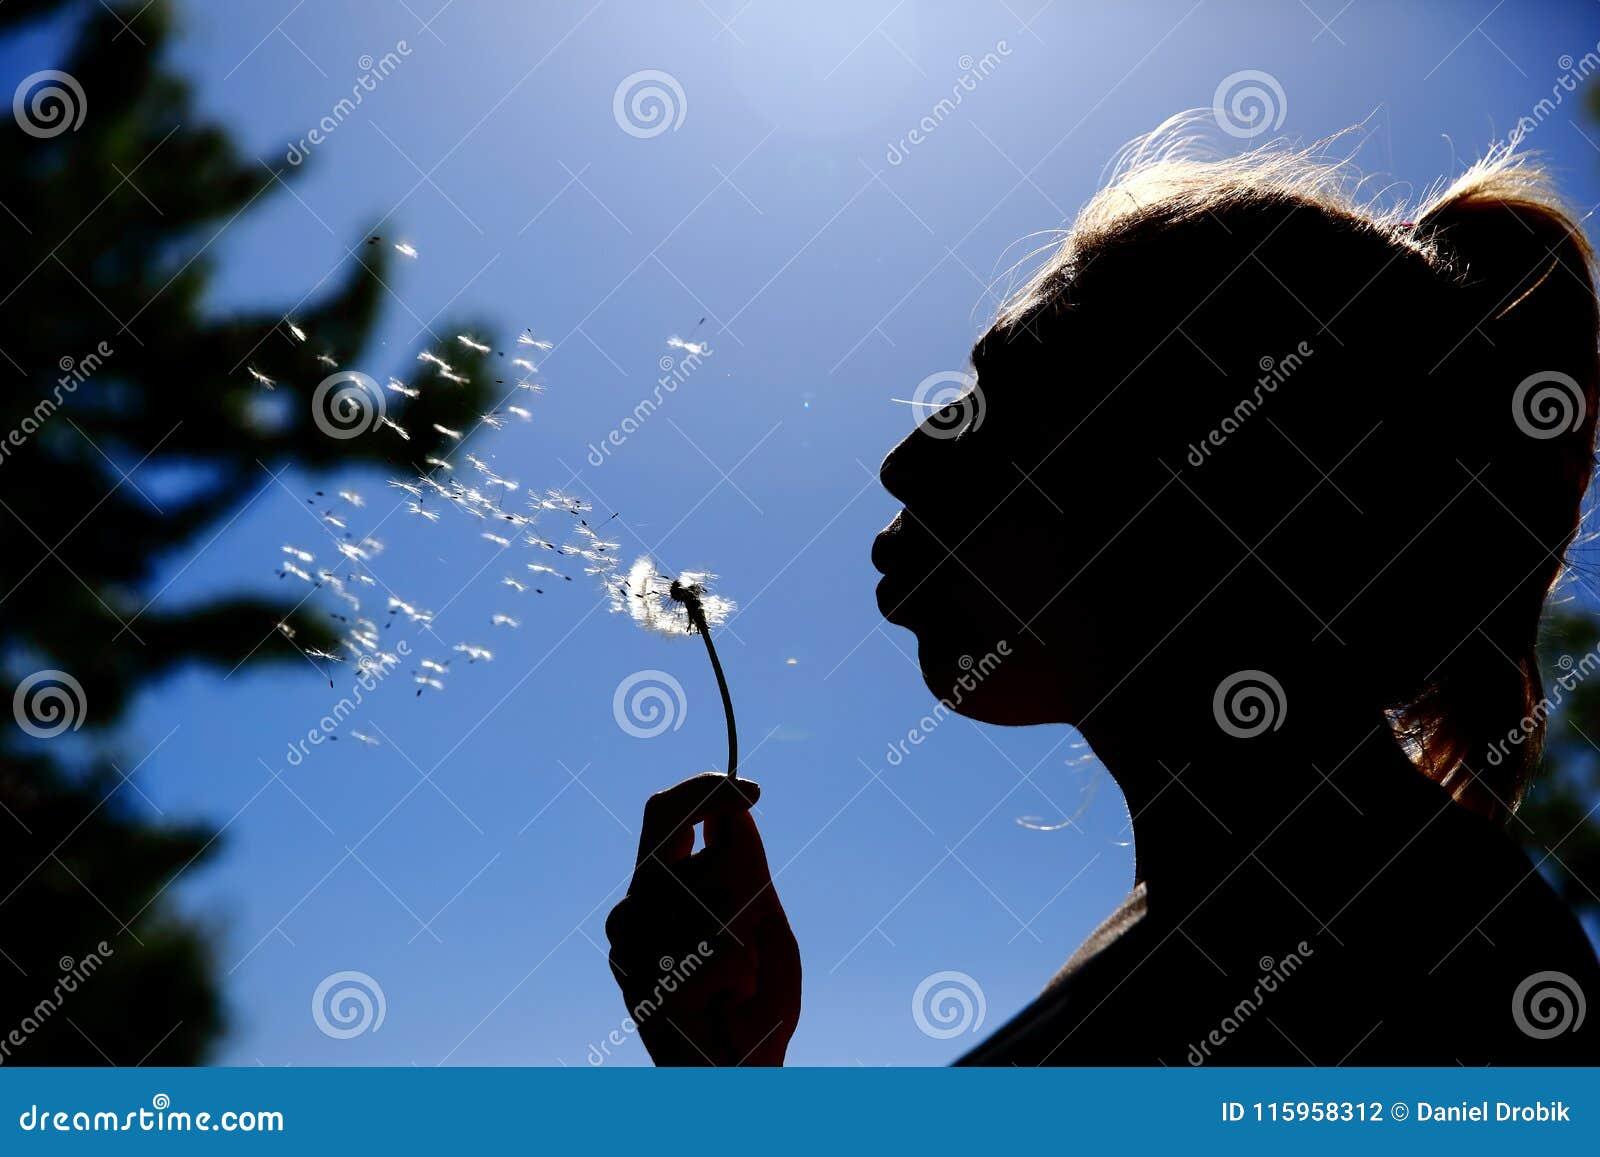 少年轻轻地吹并且涂蒲公英种子反对蓝天